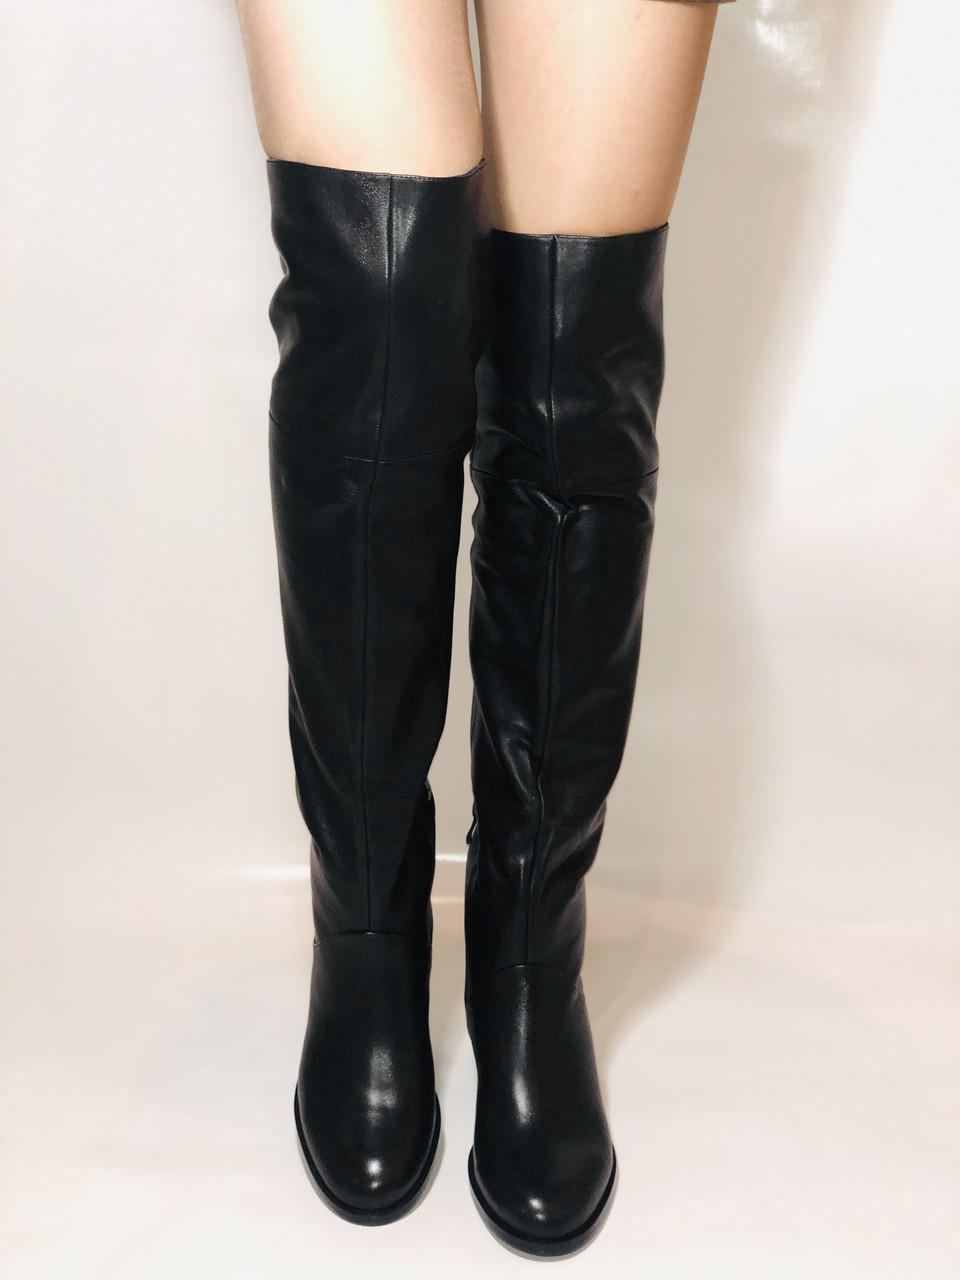 Натуральне хутро. Зимові чоботи-ботфорти на низькому каблуці. Натуральна шкіра. Люкс. Berkonty. Р. 36,39,40.